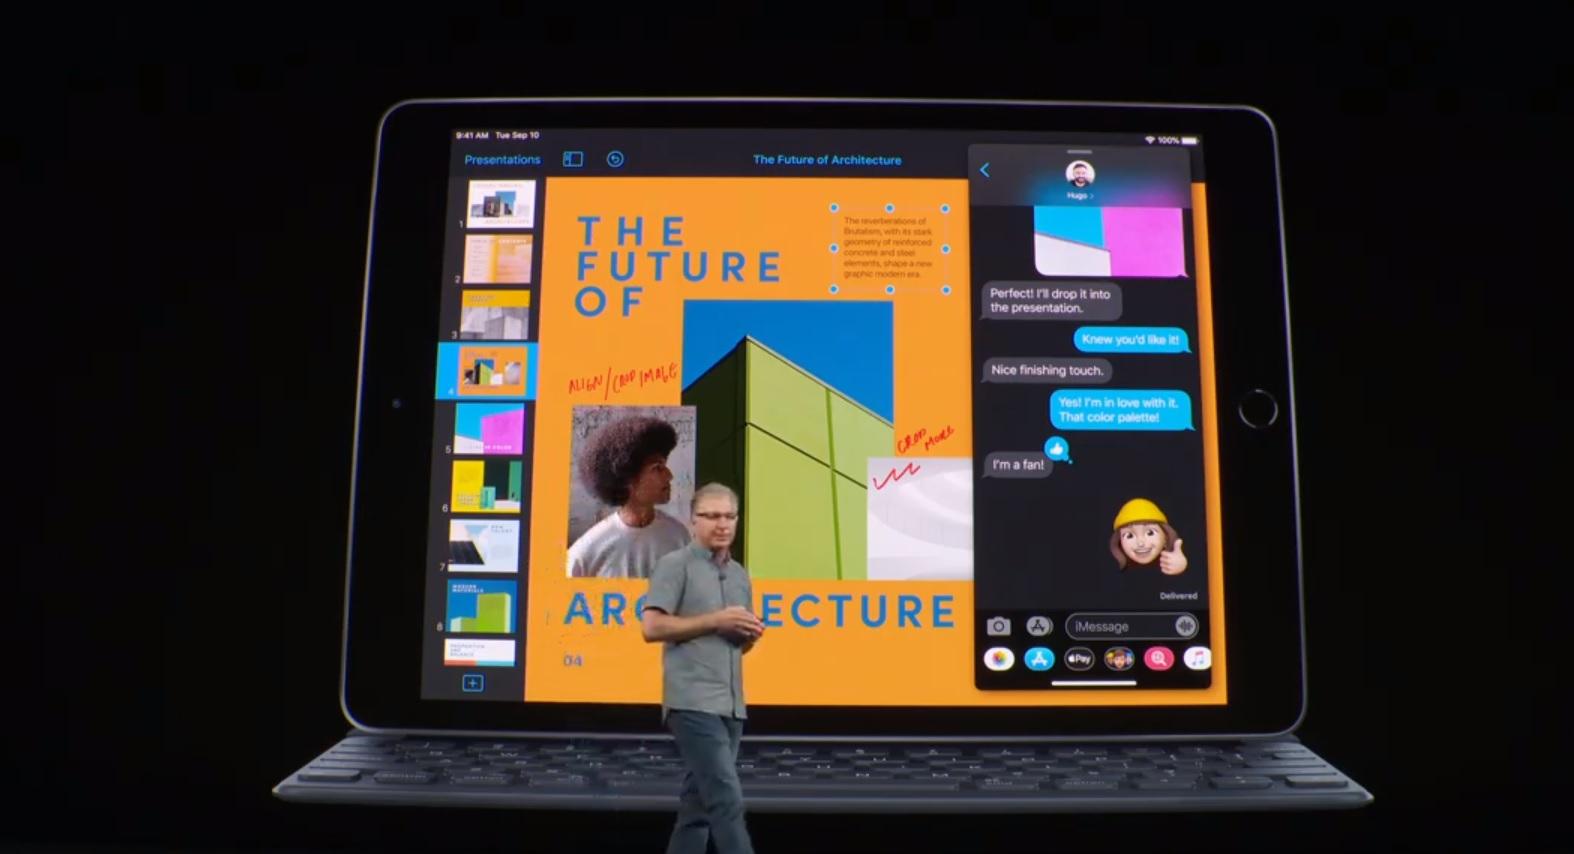 El iPad integra una pantalla Retina de 10,2 pulgadas, chip A10 Fusion, conector inteligente para utilizar con teclado, cámara de 8 MP y hecha con aluminio 100% reciclado